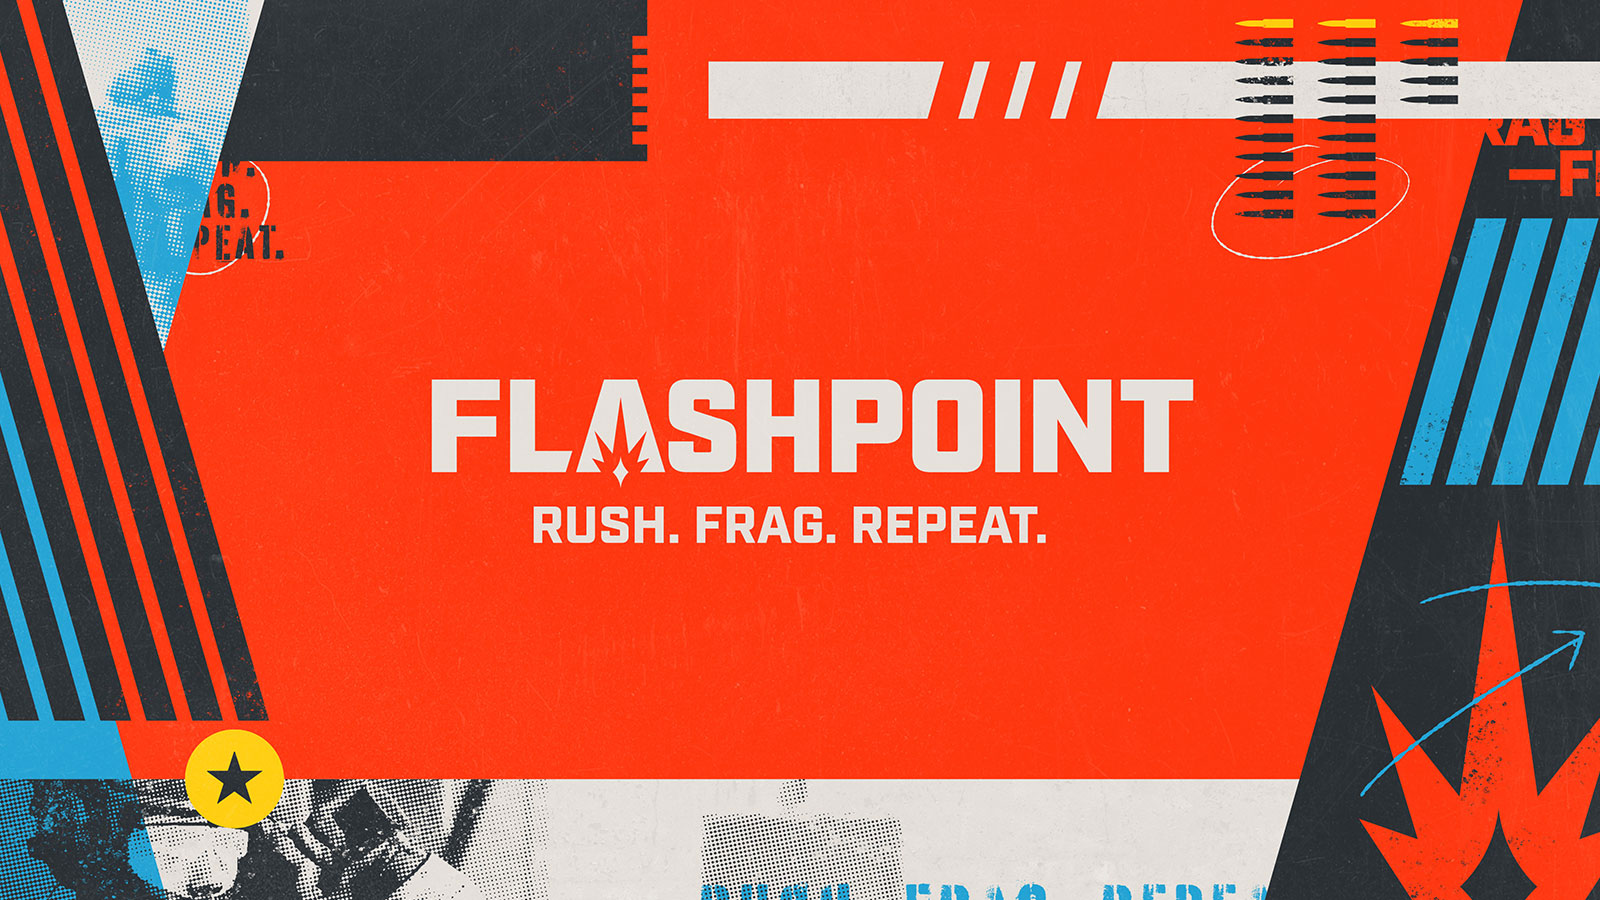 La saison 1 de Flashpoint vient de démarrer